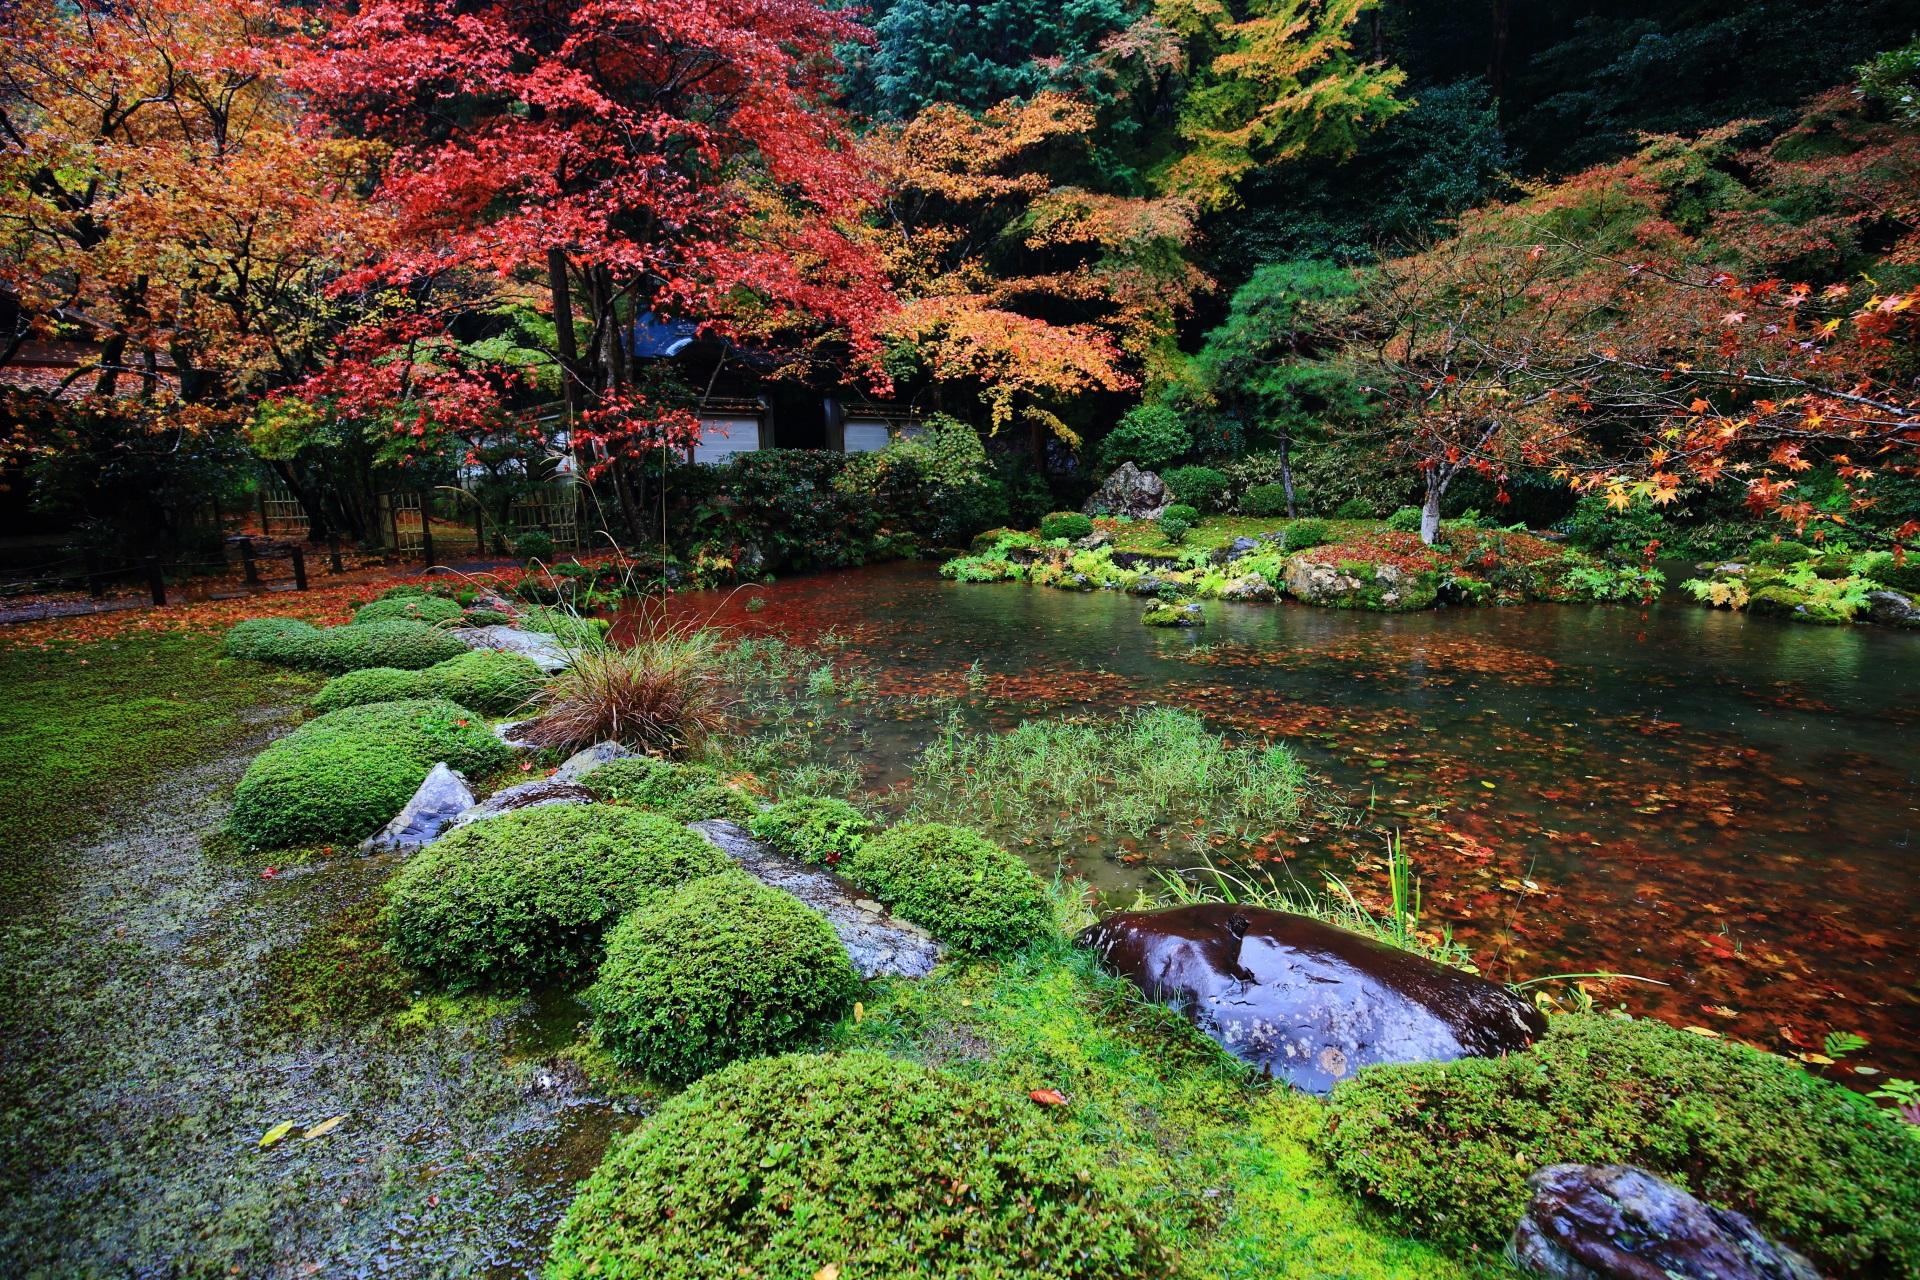 苔などの緑も綺麗な池泉回遊式庭園の南禅院